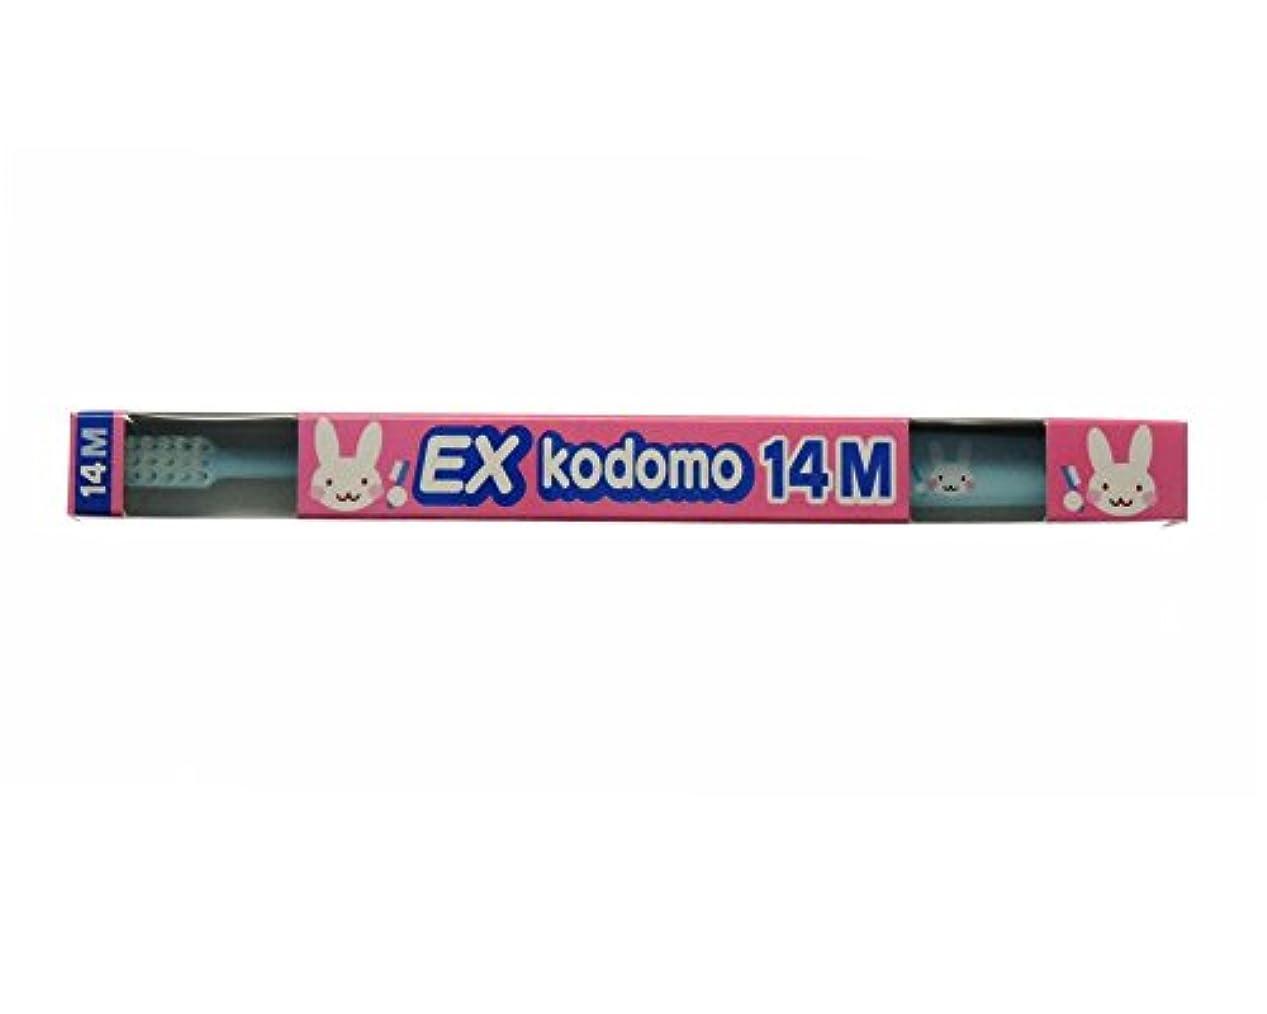 欲求不満ストレス前進ライオン コドモ DENT.EX kodomo 1本 14M ブルー (仕上げ磨き用?0?6歳)